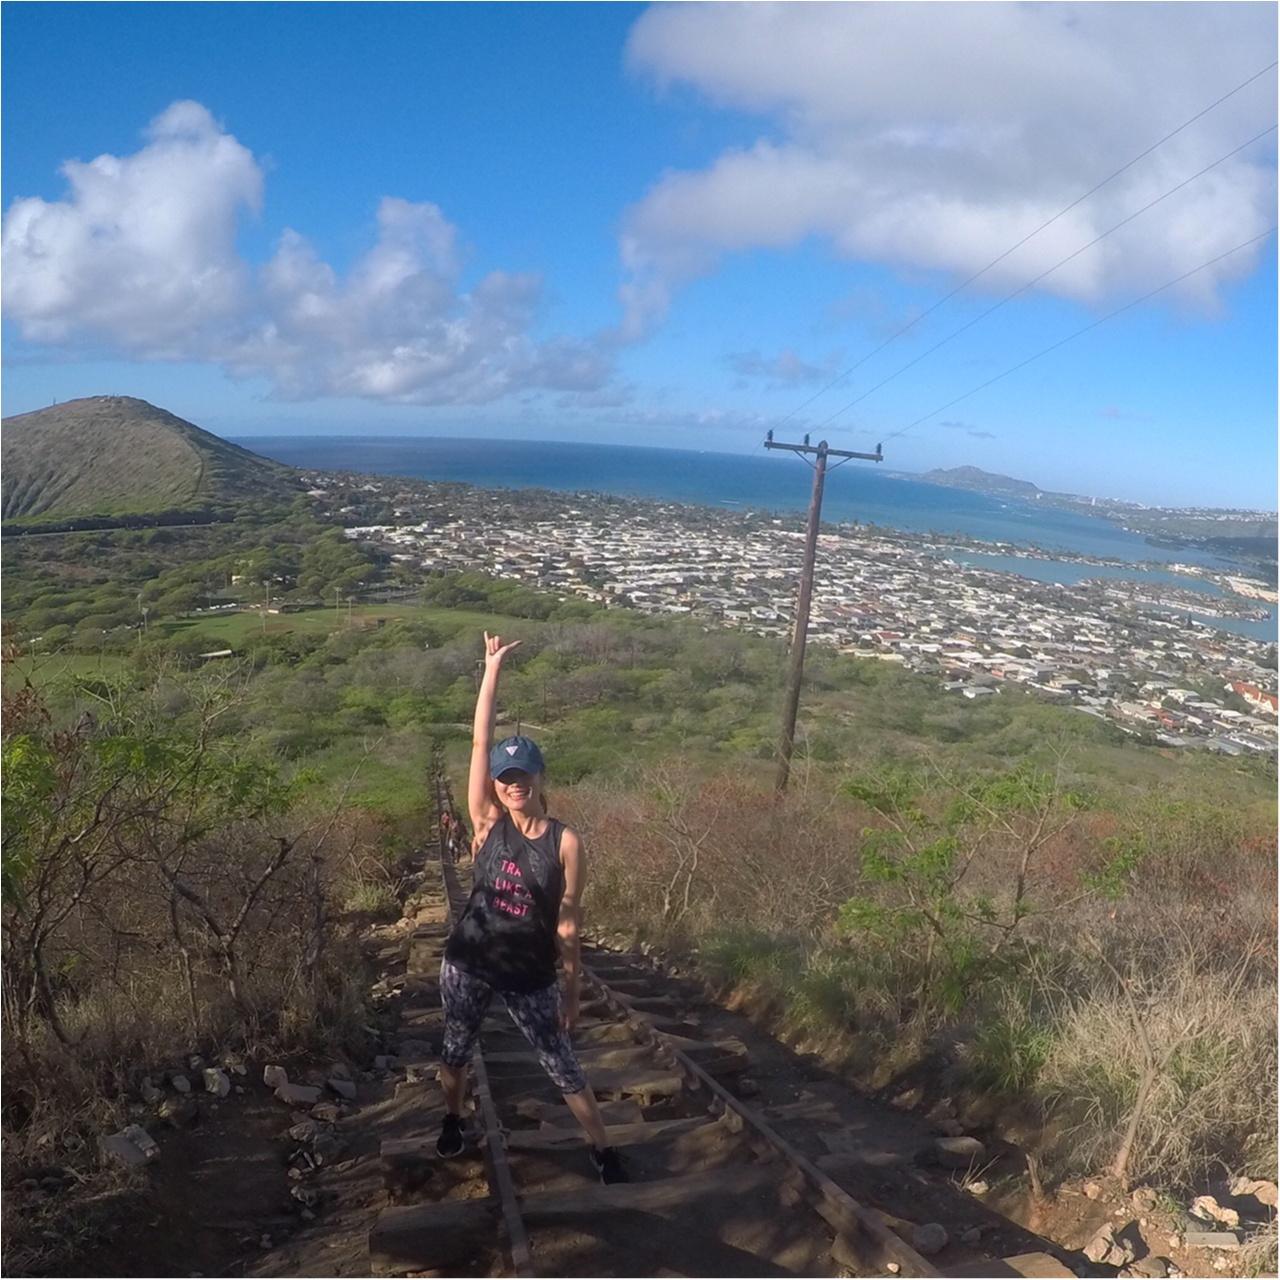 【ハワイ旅①】ダイヤモンドヘッドだけじゃない、ハワイのハイキング!キツい分それ以上の景色と感動が待っていました♡♡♡_8